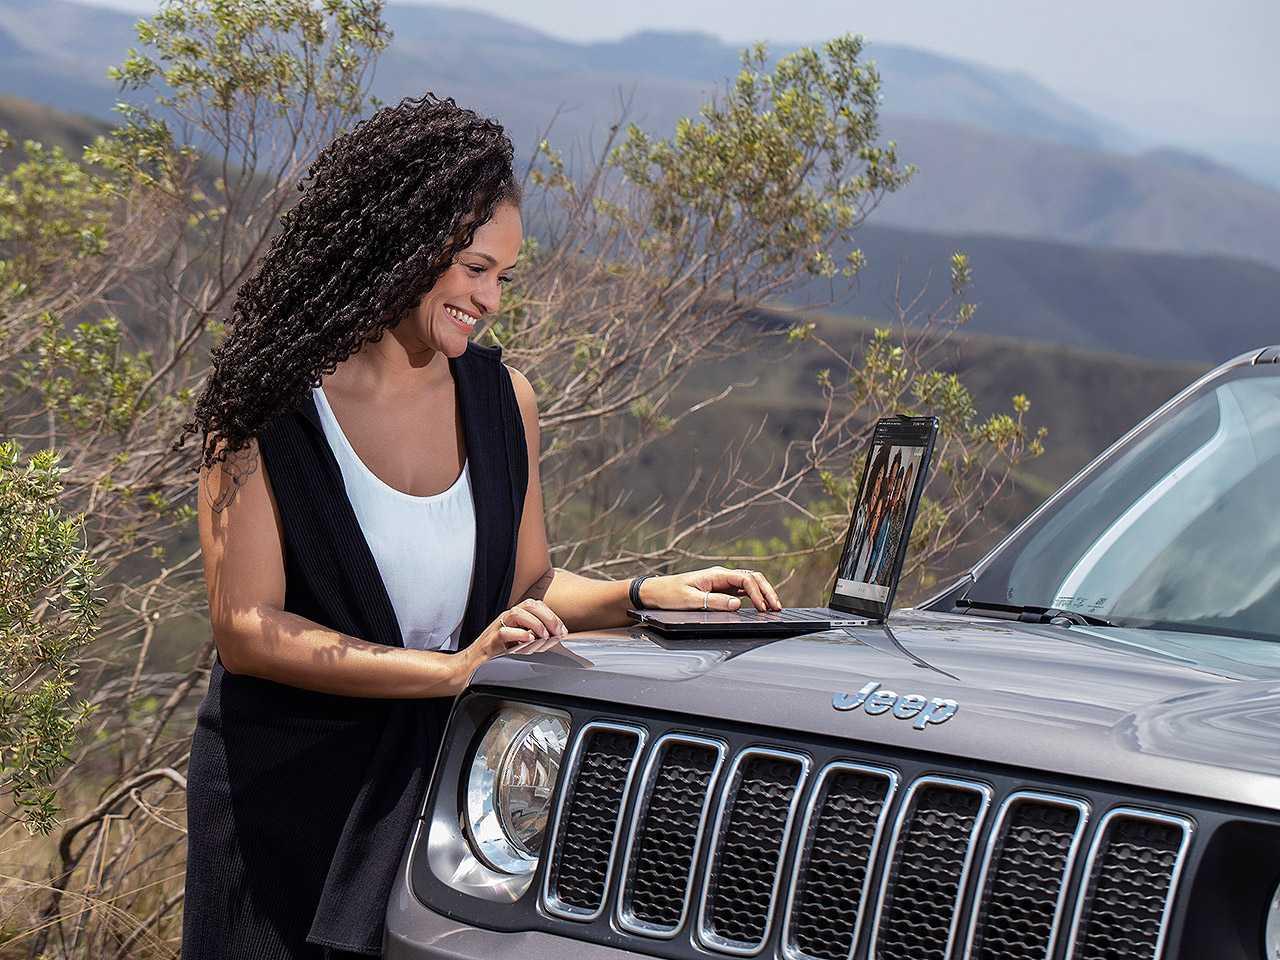 Modelos de Fiat, Jeep e Ram vendidos no Brasil contarão com internet embarcada a partir de 2021